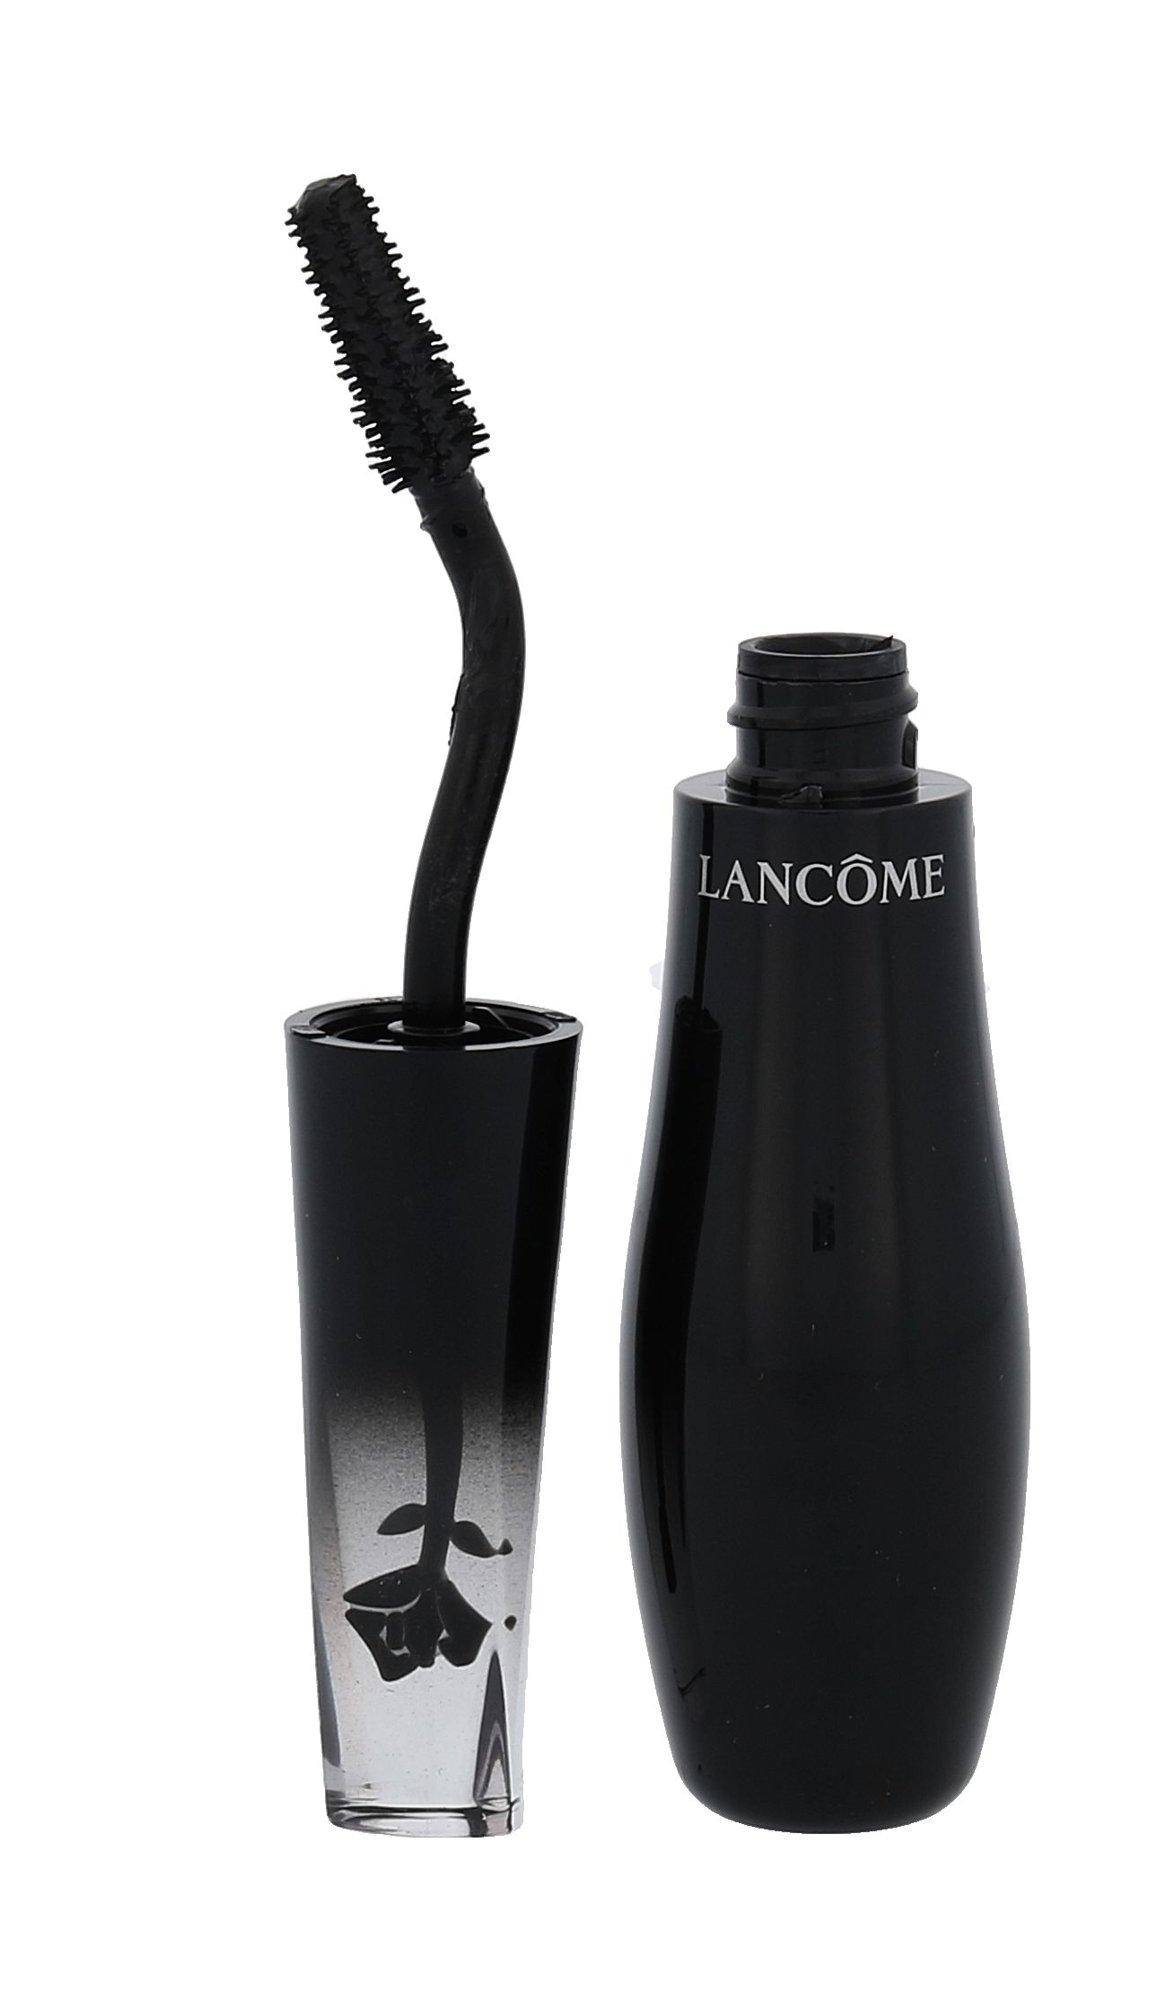 Lancôme Grandiose Cosmetic 10ml 01 Noir Mirifique